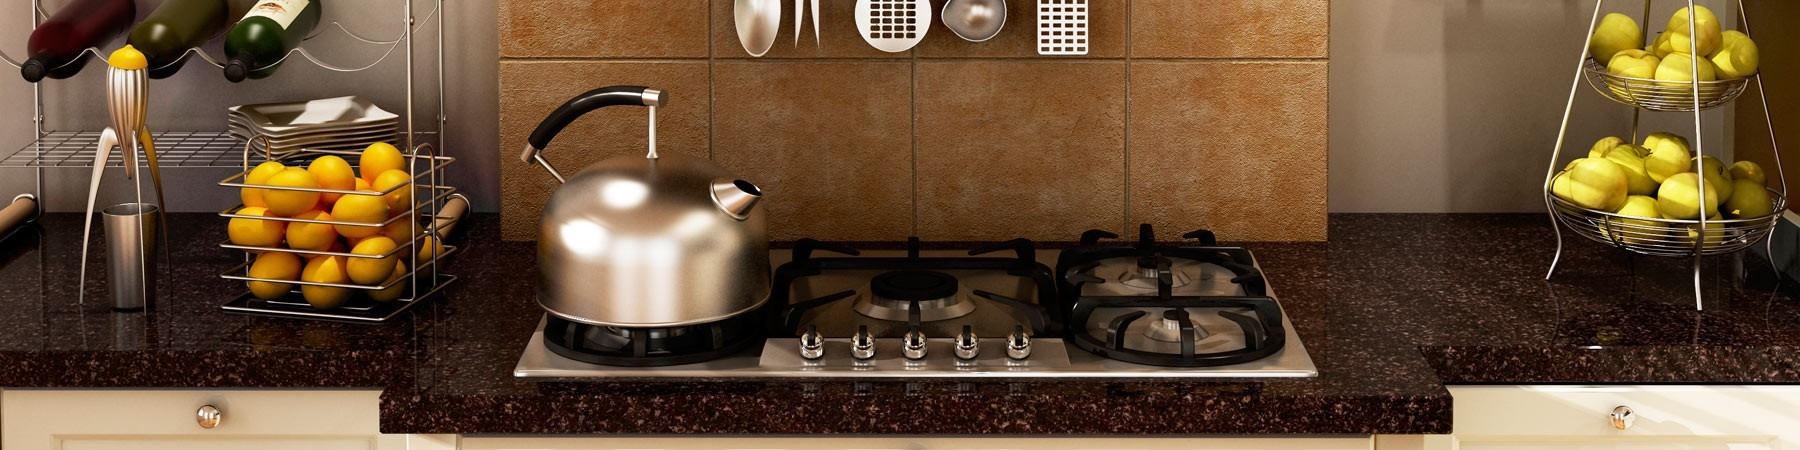 Bếp từ,hồng ngoại,gas chất lượng nhập khẩu chính hãng.An toàn sử dụng.